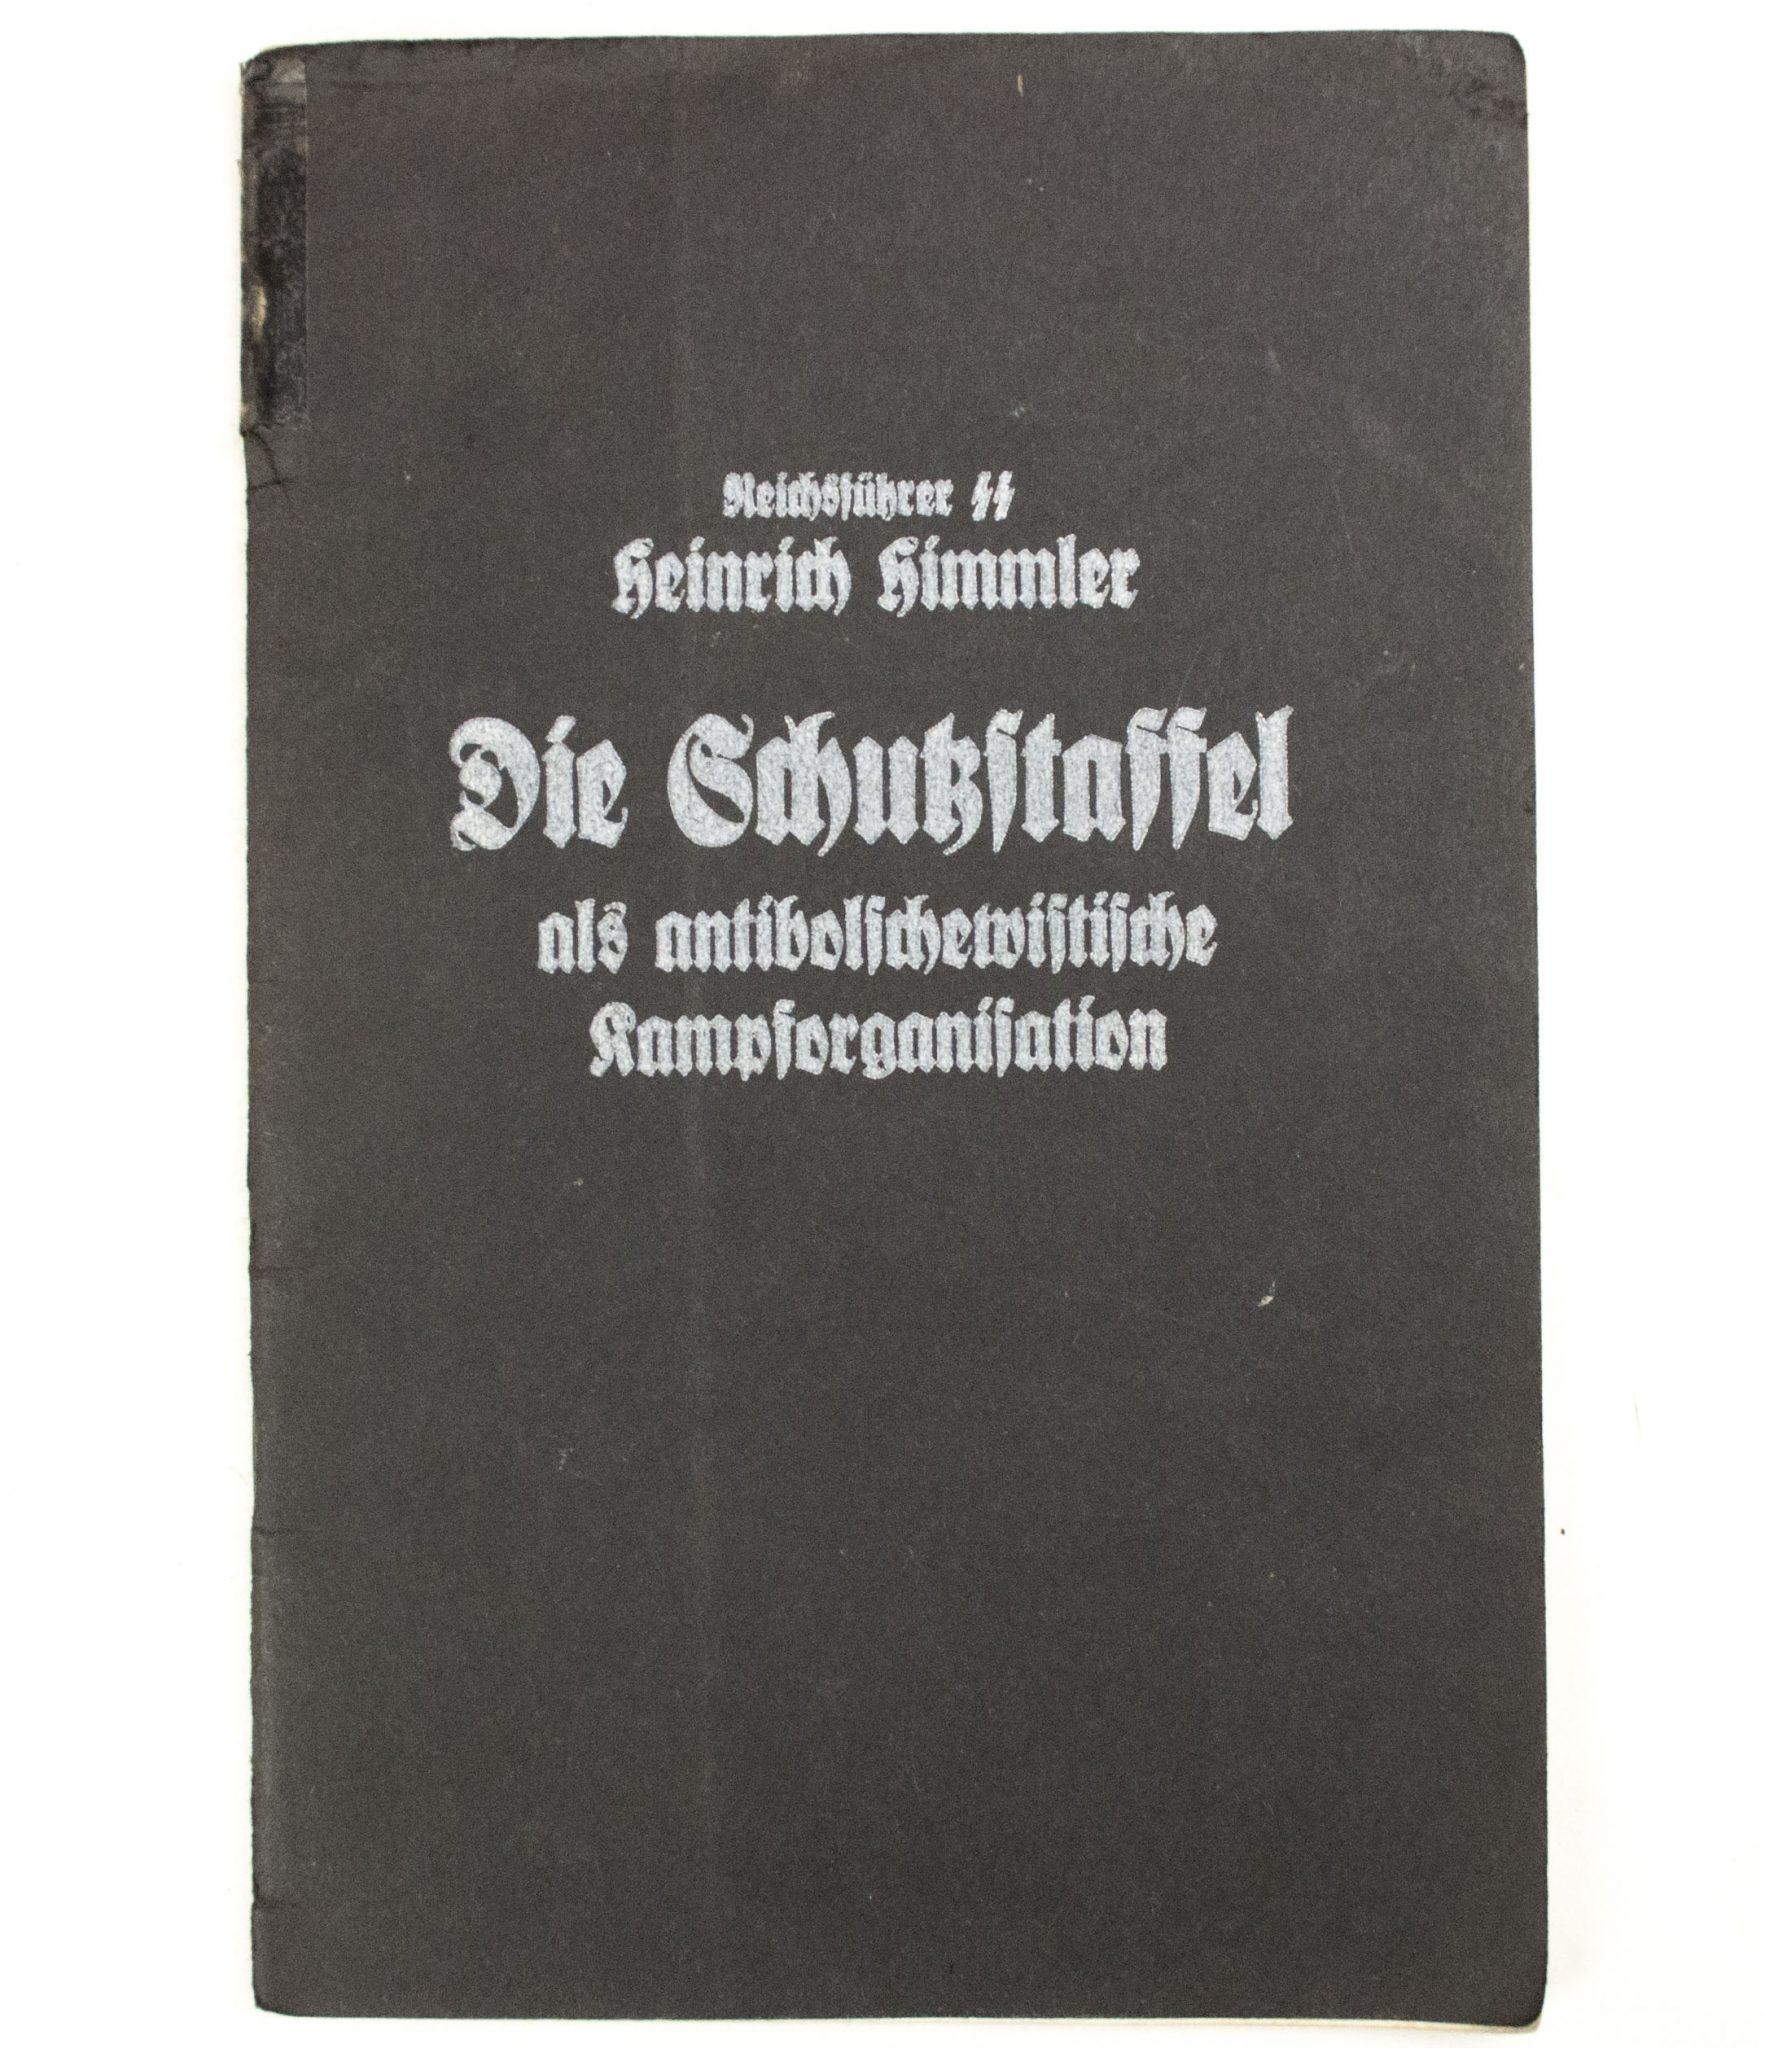 Reichsführer-SS Heinrich Himmler